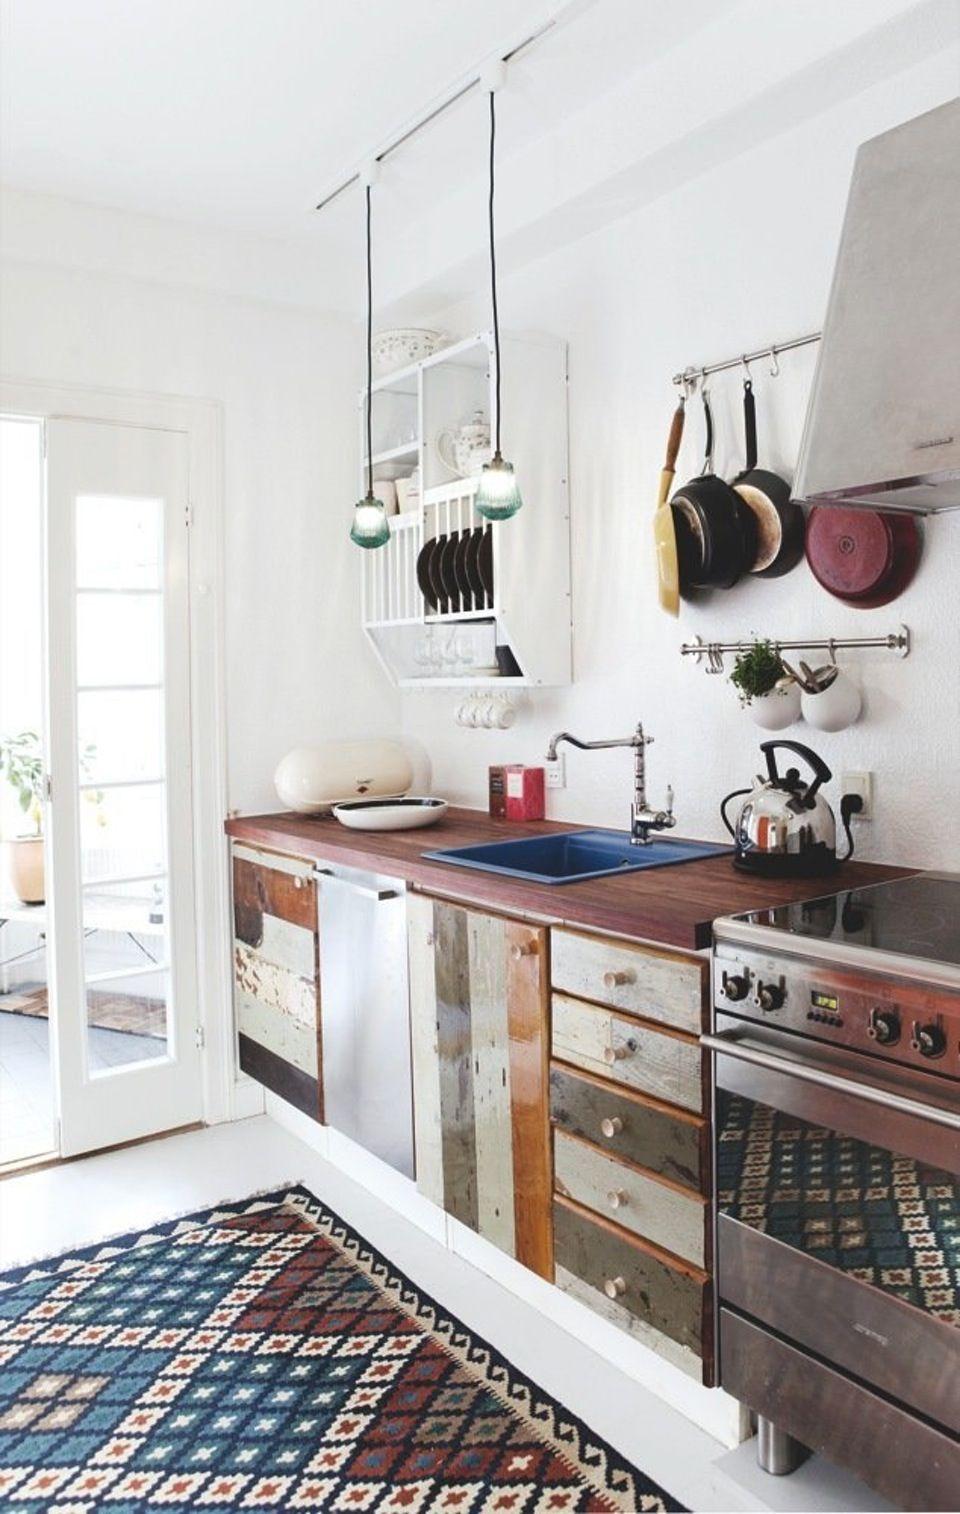 Back in genbrugsguttens apartment | Boligmagasinet.dk